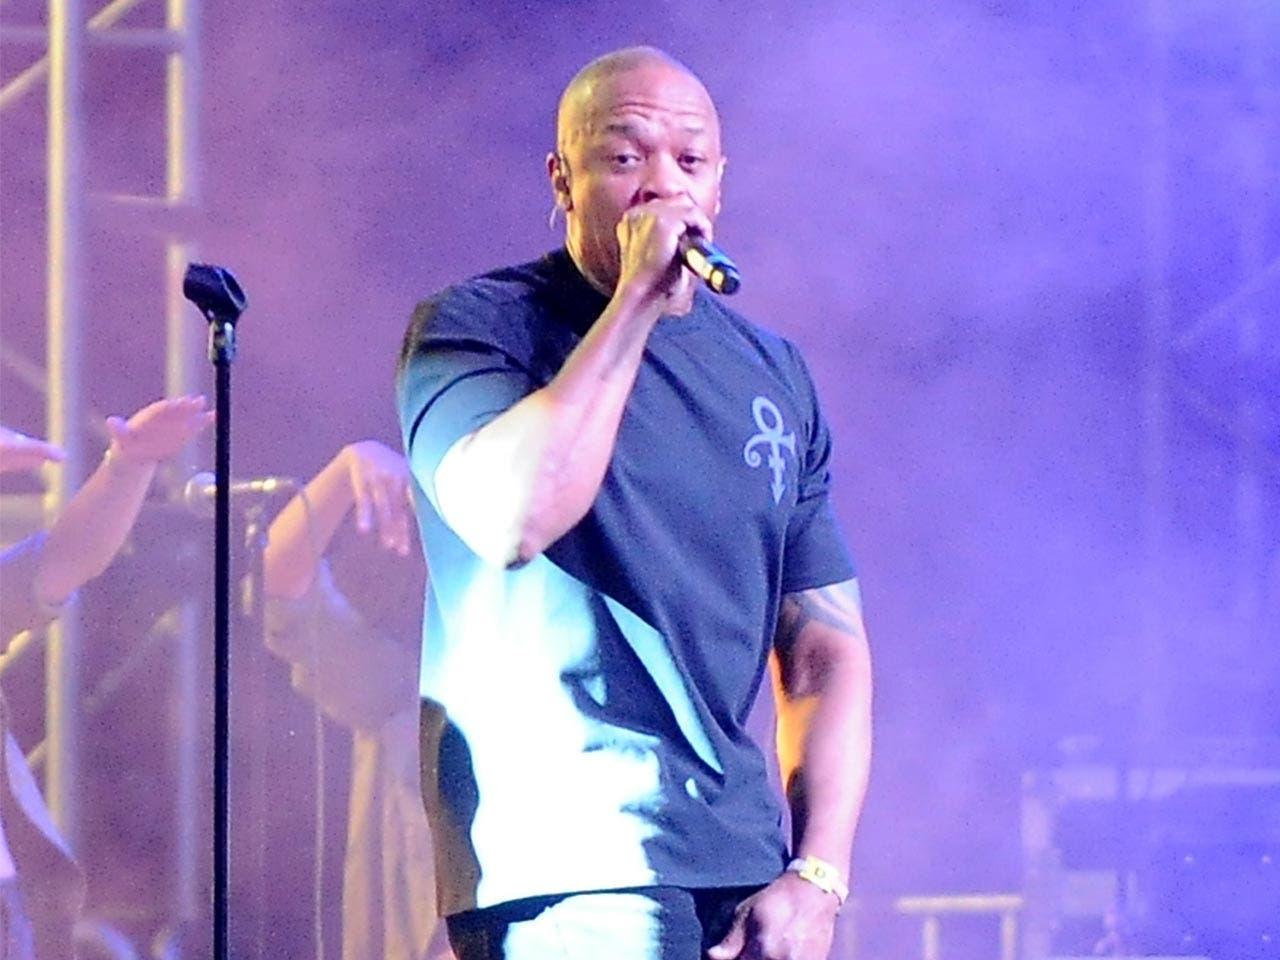 Dr. Dre | Dave Mangels/Getty Images